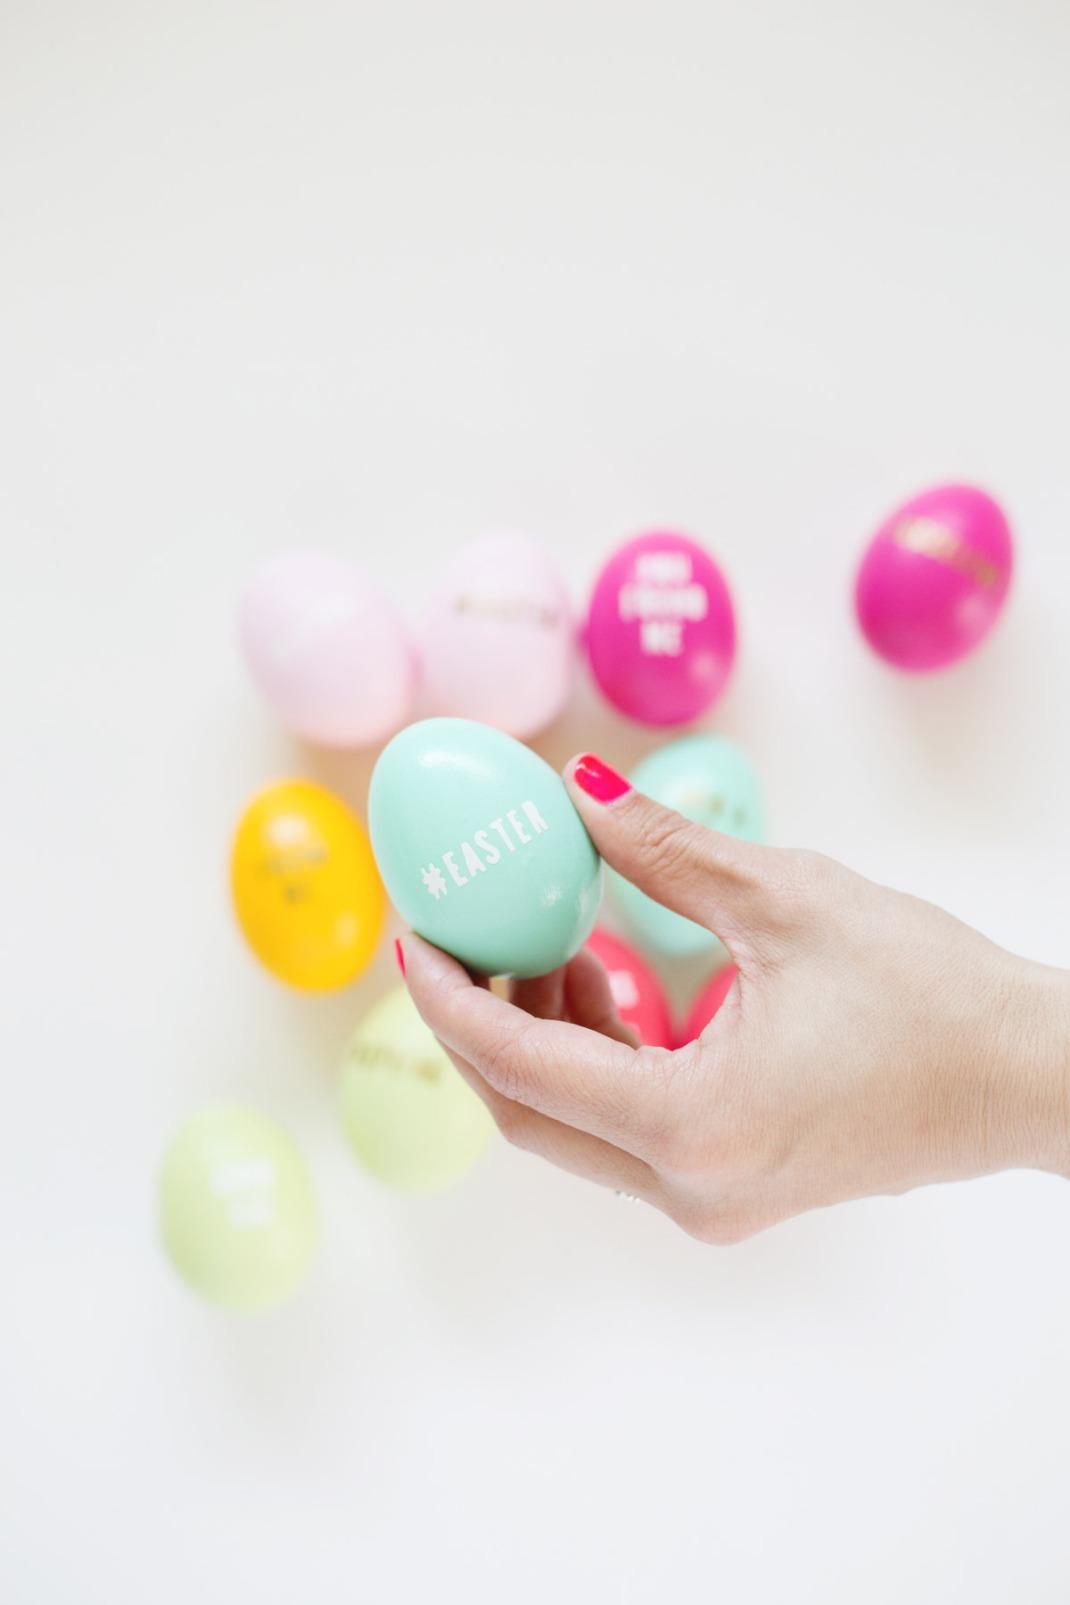 diy gold letter eggs